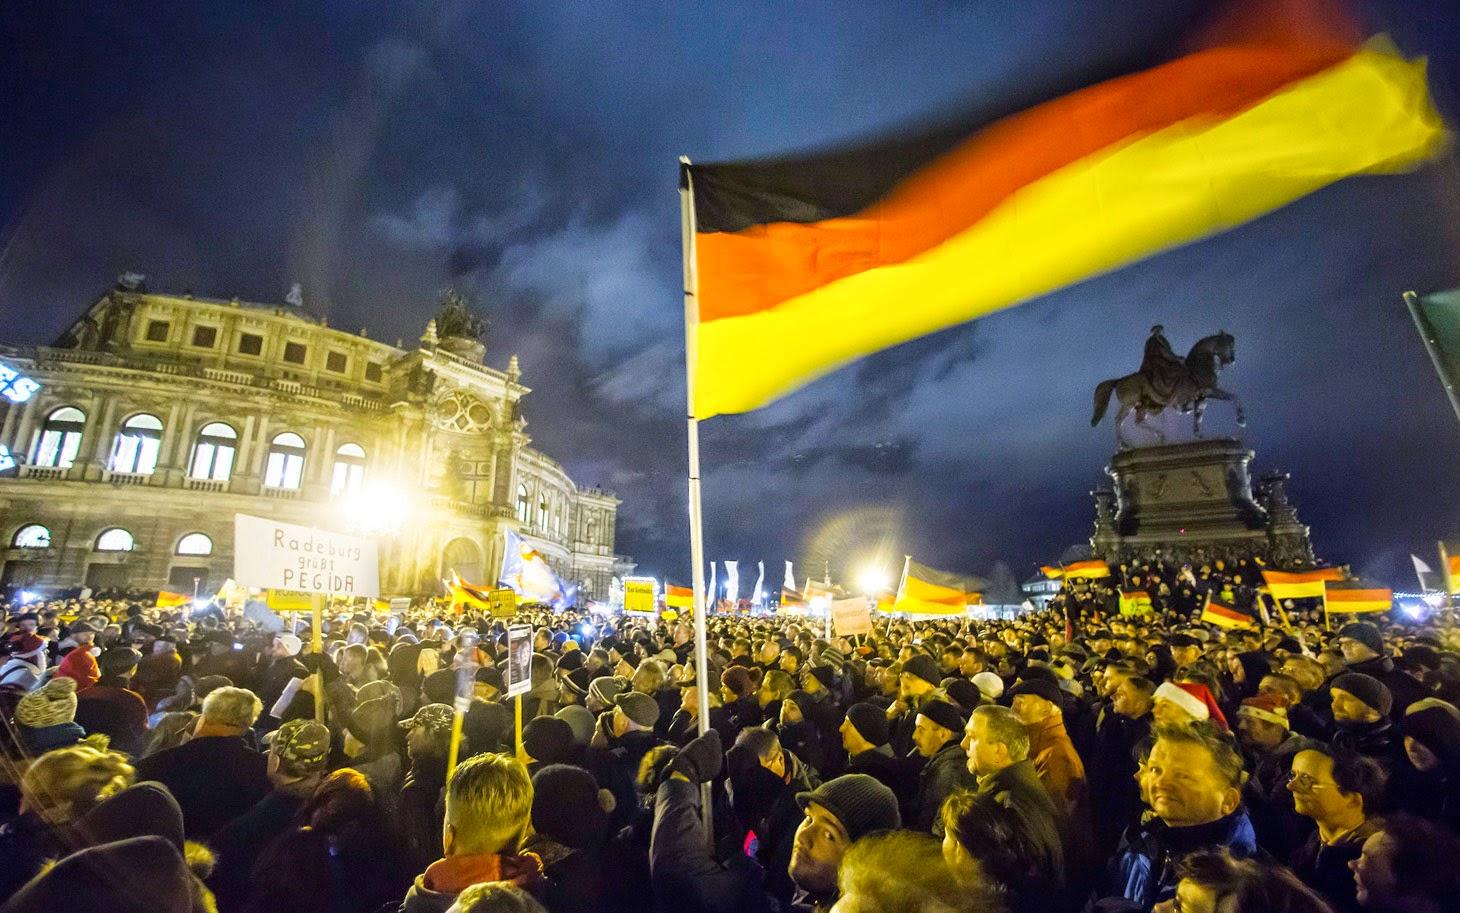 zusammen auf Tour | Deine News und aktuelle Nachrichten für Dresden ...